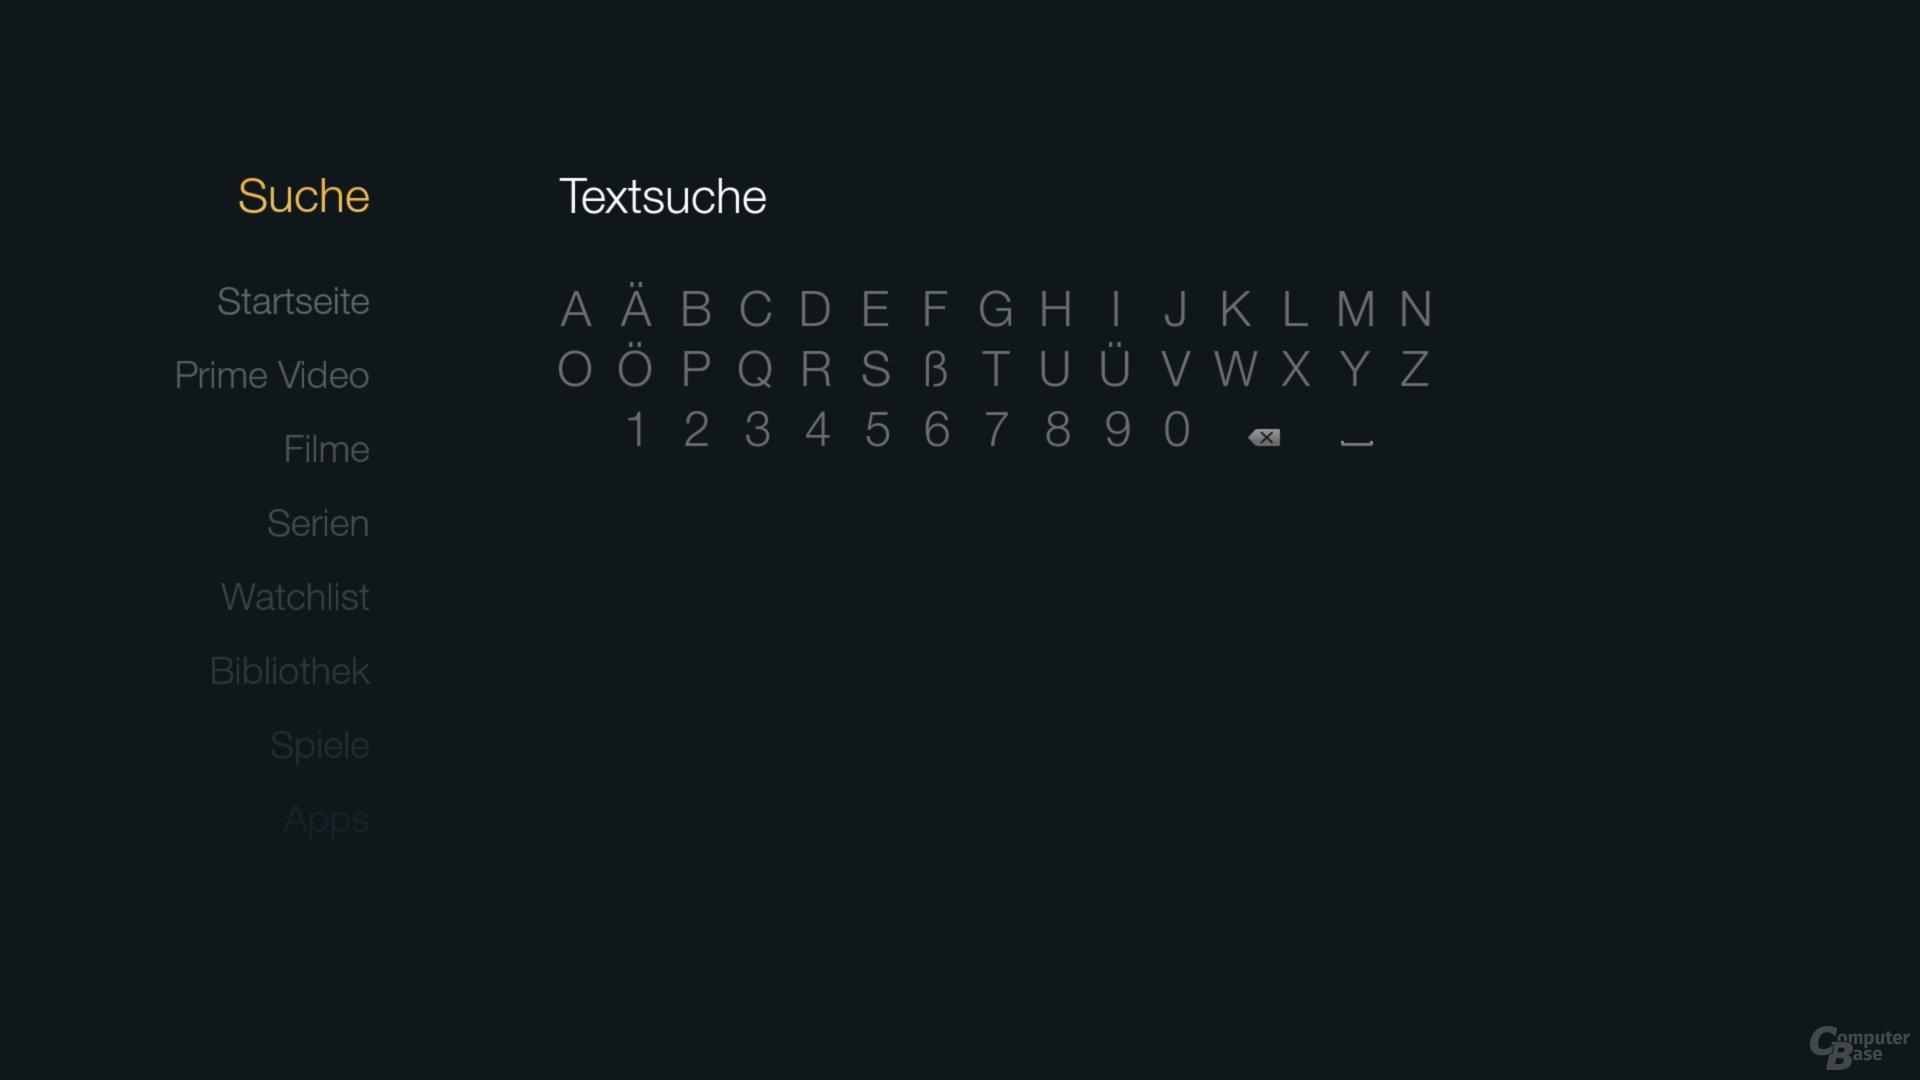 Amazon Fire TV Stick – Textsuche per Fernbedienung